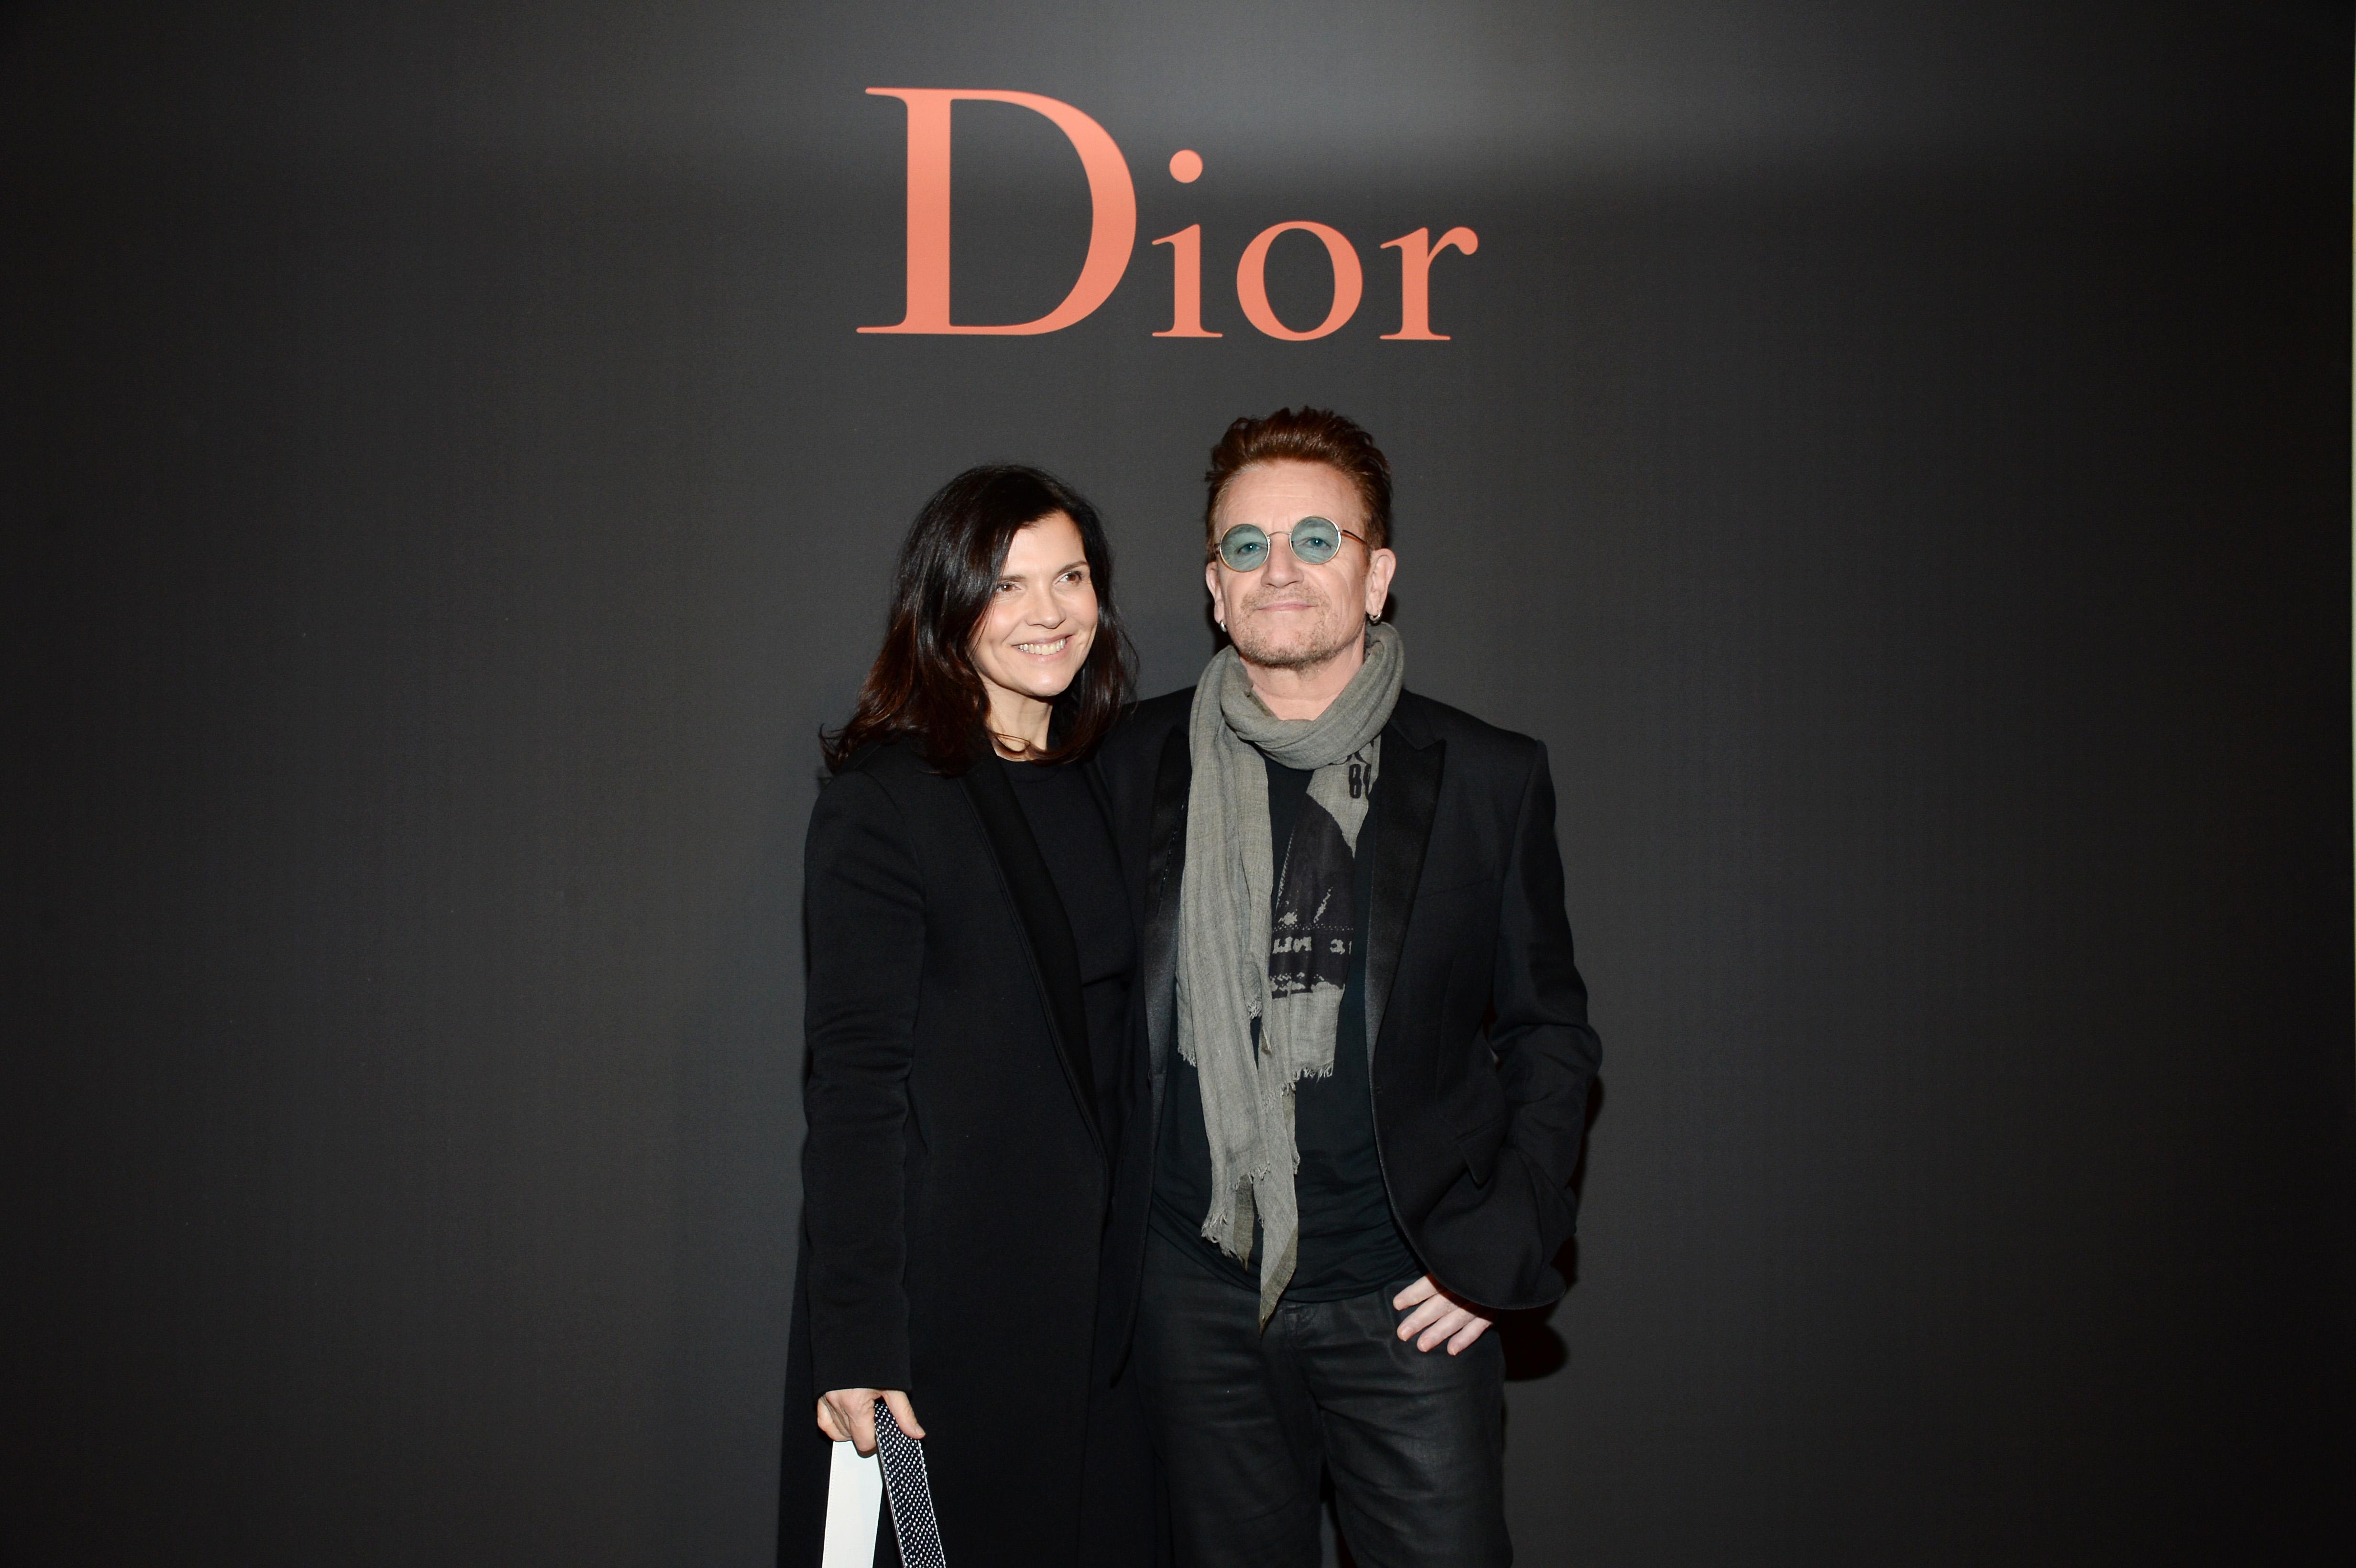 <p><strong>Боно и Али Стюарт</strong></p>  <p>Популярният певец на групата U2 се запознава с бъдещата си съпруга Али Стюарт, в училището в Дъблин, в което и двамата учат. Сключват брак на 21 август 1982 г., когато Боно е на 22, а Али на 21 години. И до днес са заедно и се радват на голямо семейство с четири деца заедно.</p>